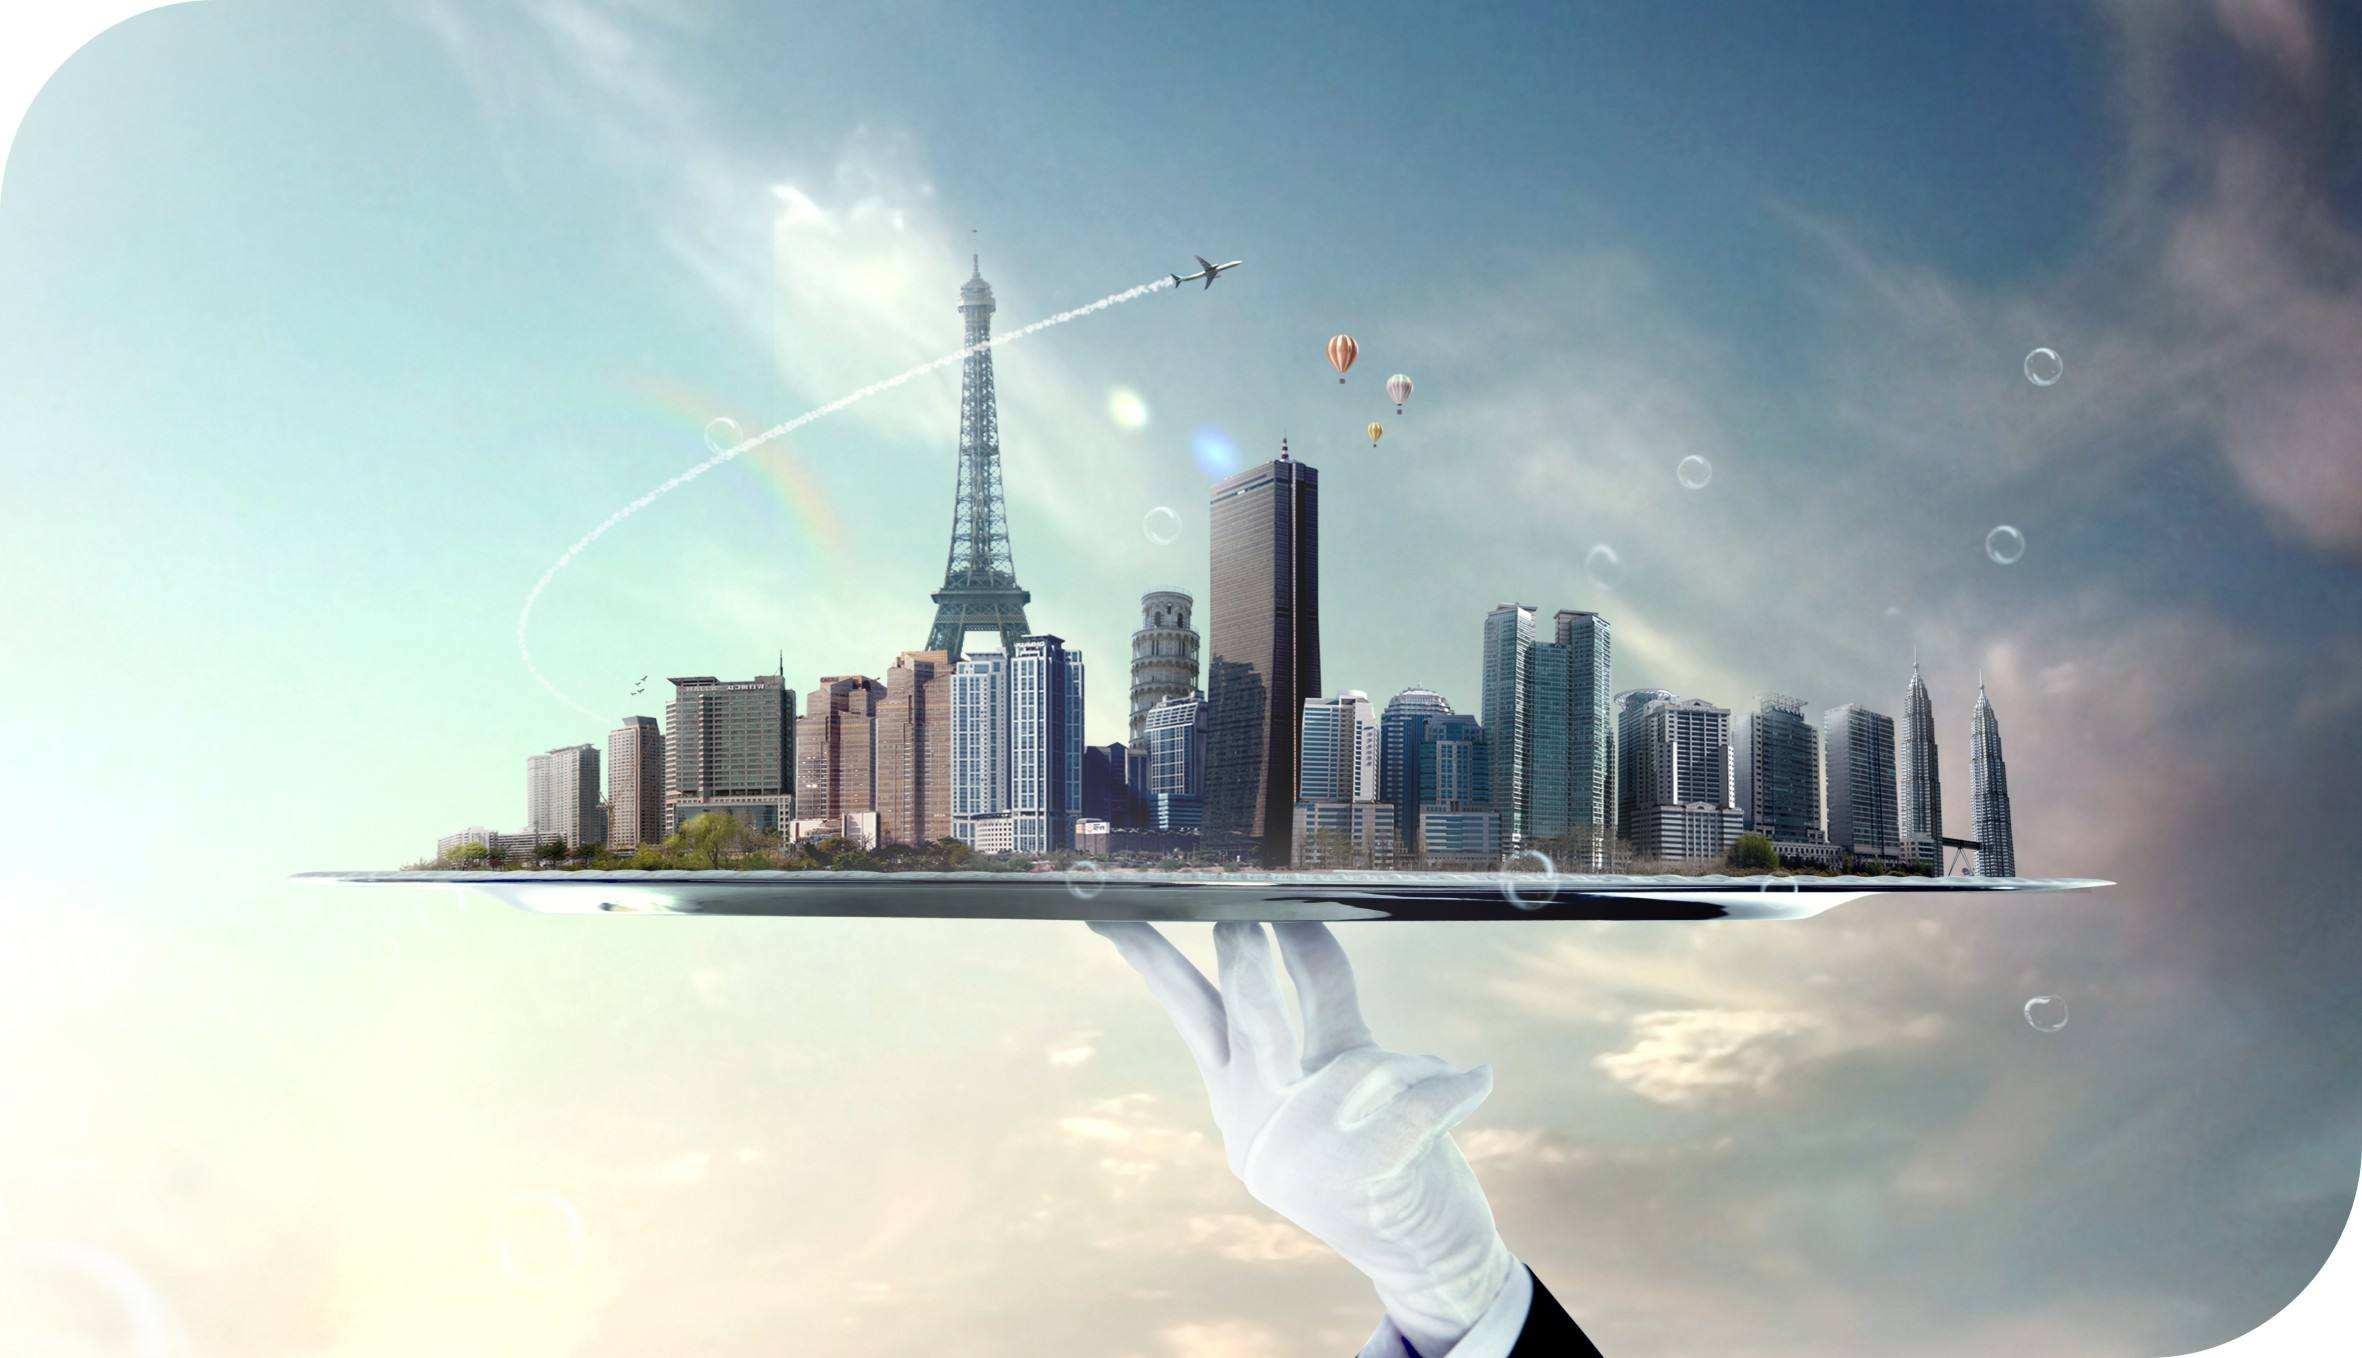 智慧城市建设在交通领域中应该思考的五个问题